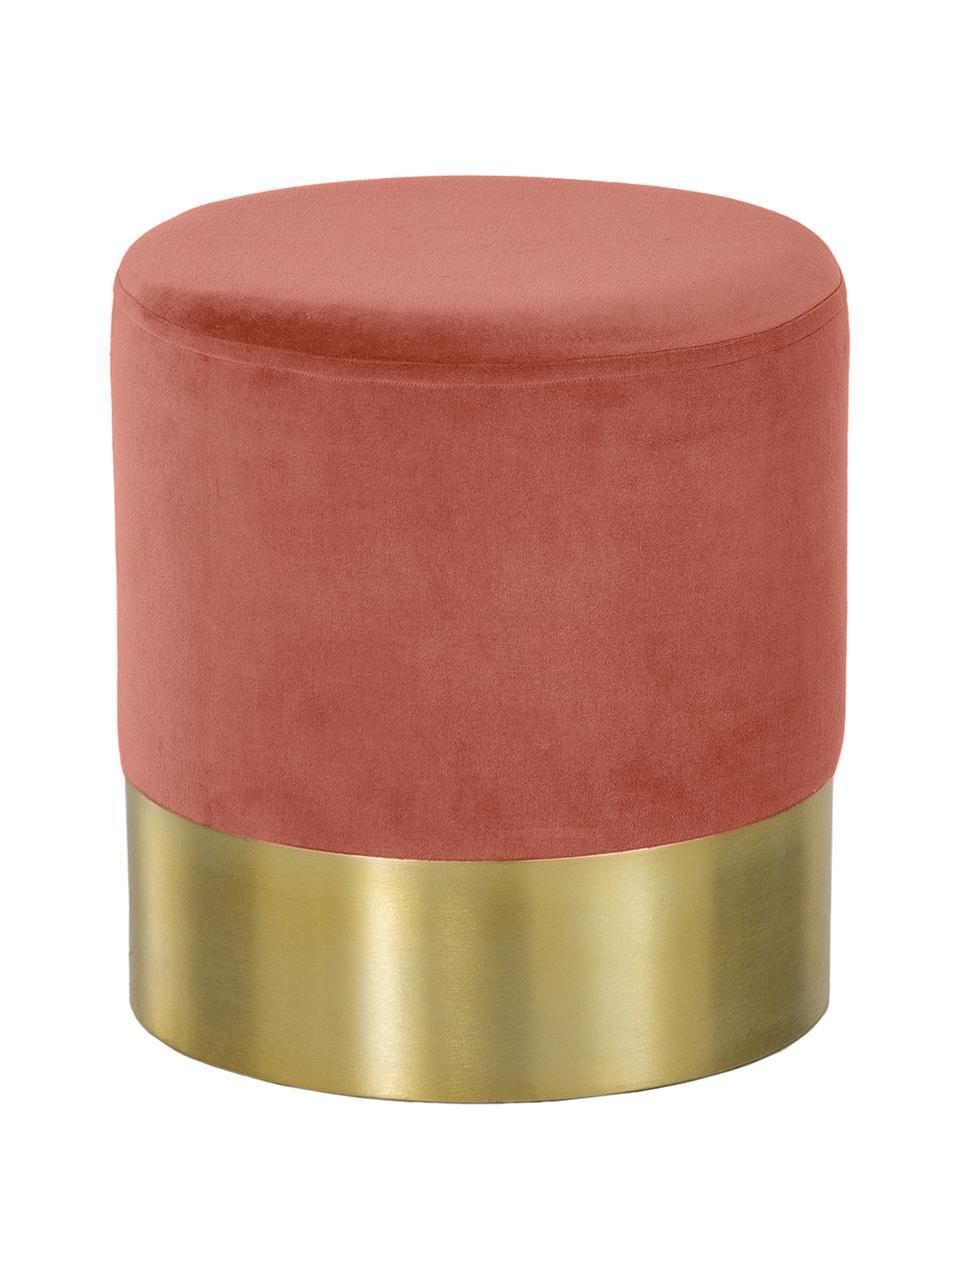 Pouf in velluto Harlow, Rivestimento: velluto, Corallo, dorato, Ø 38 x Alt. 42 cm